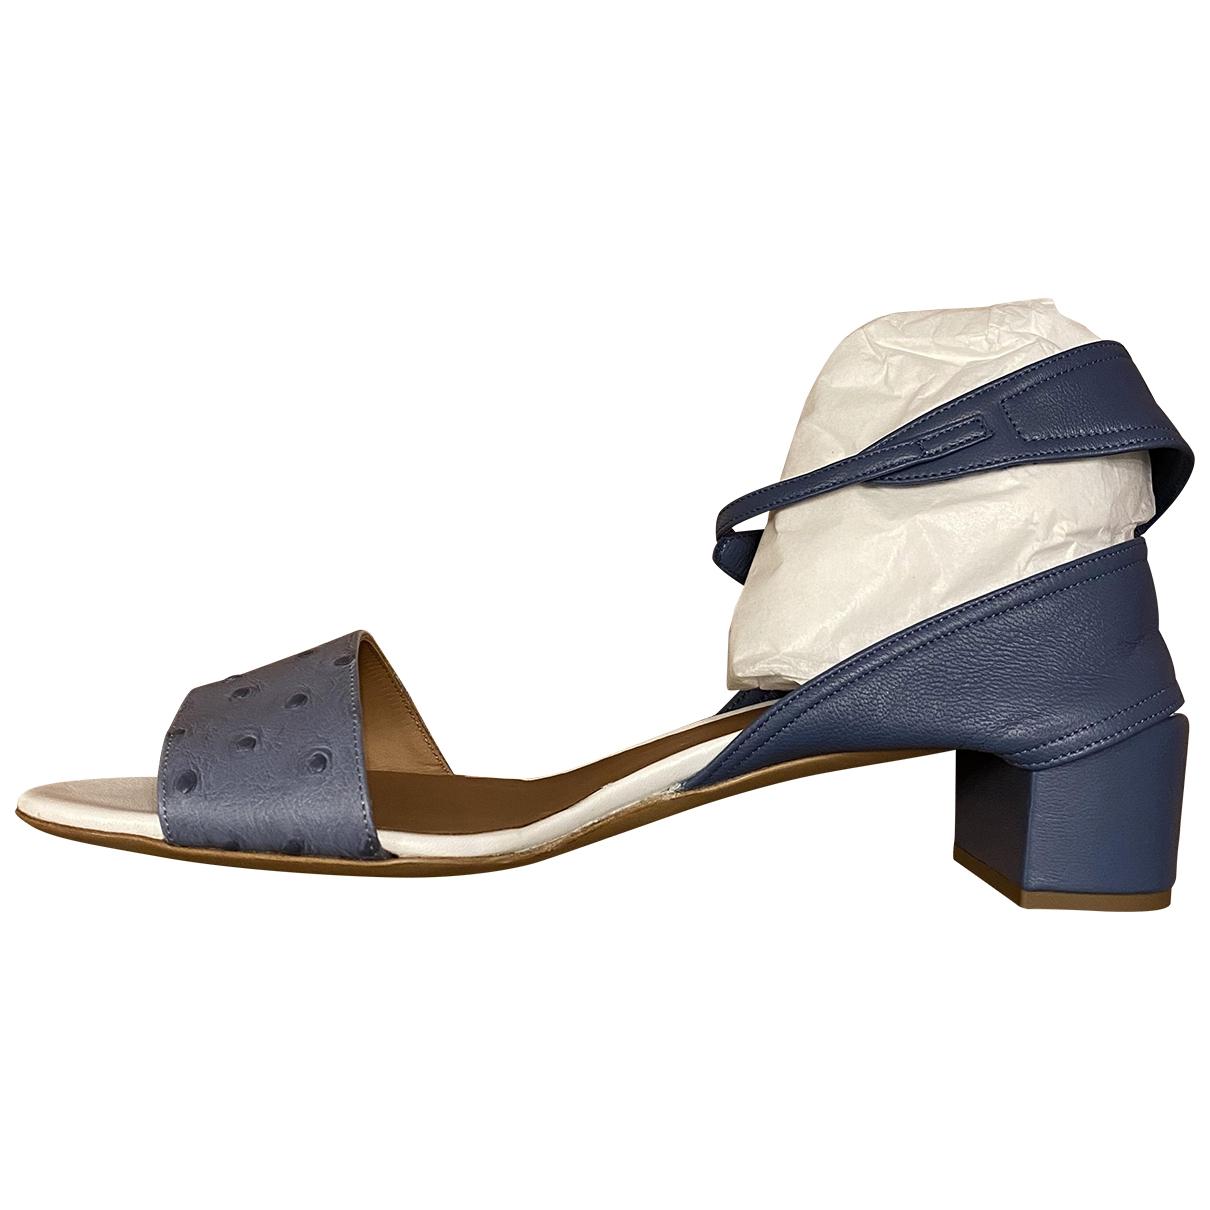 Emporio Armani - Sandales   pour femme en cuir - bleu